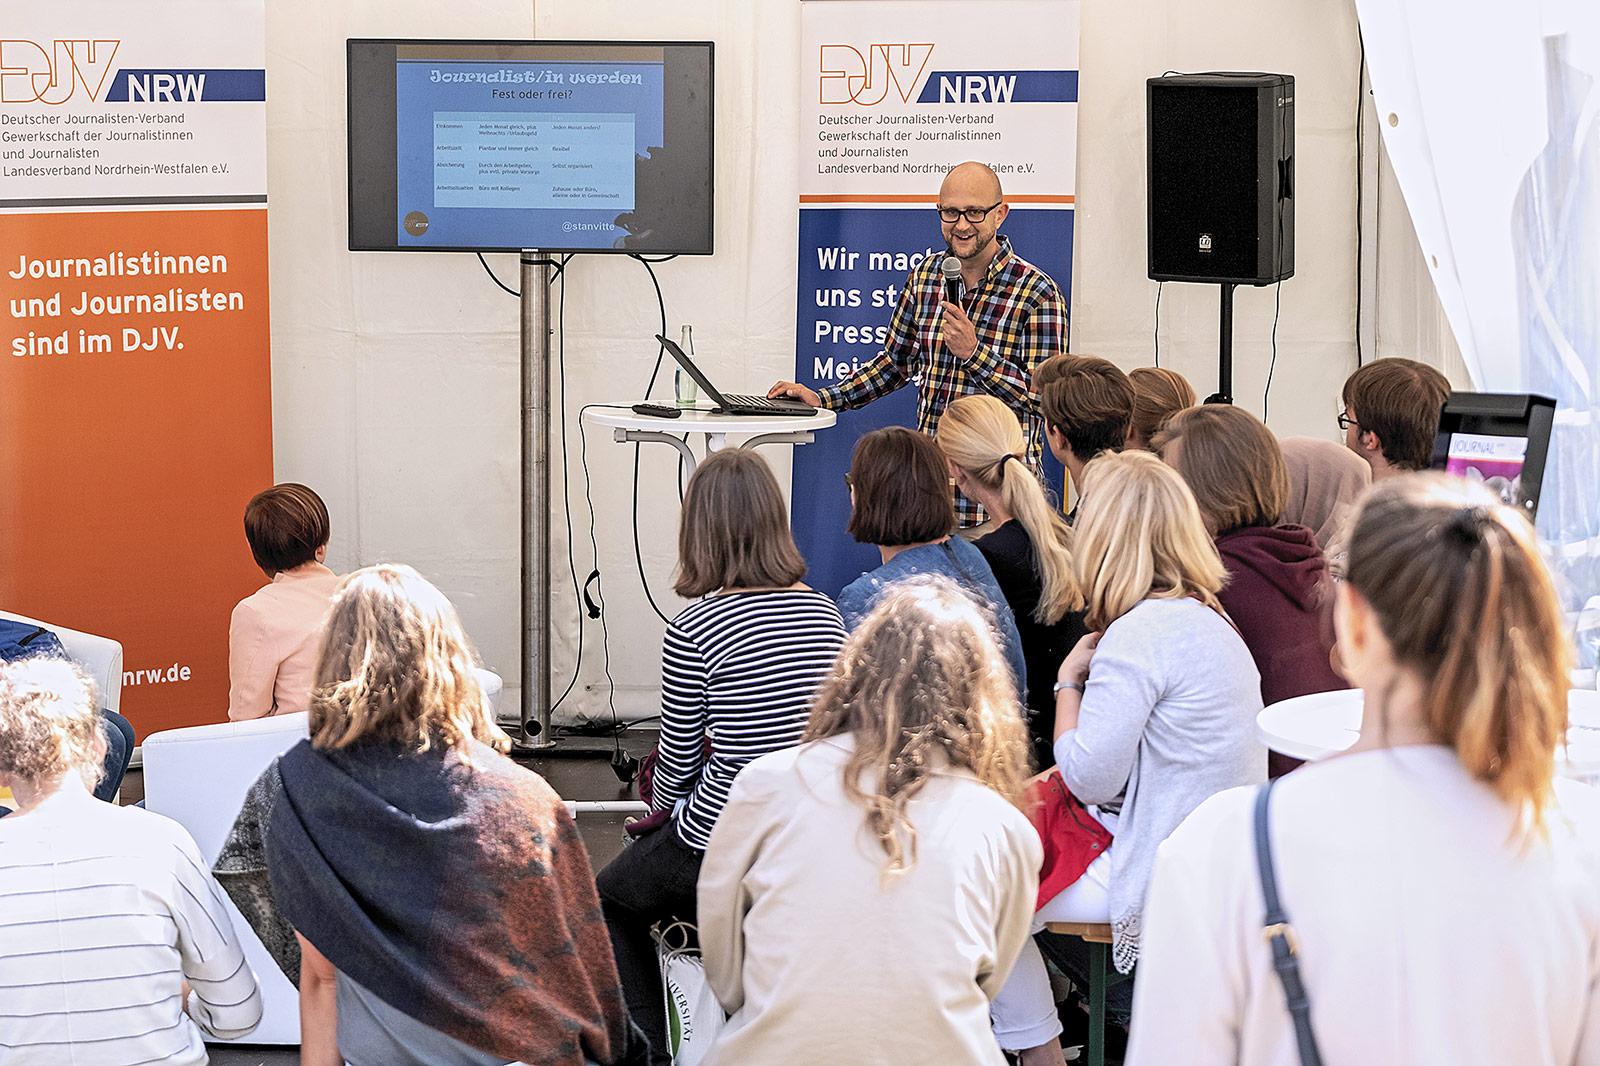 Tipps für den Einstieg in den Beruf gab es von Stanley Vitte, dem Hochschulbeauftragten des DJV-NRW. | Foto: Alexander Schneider